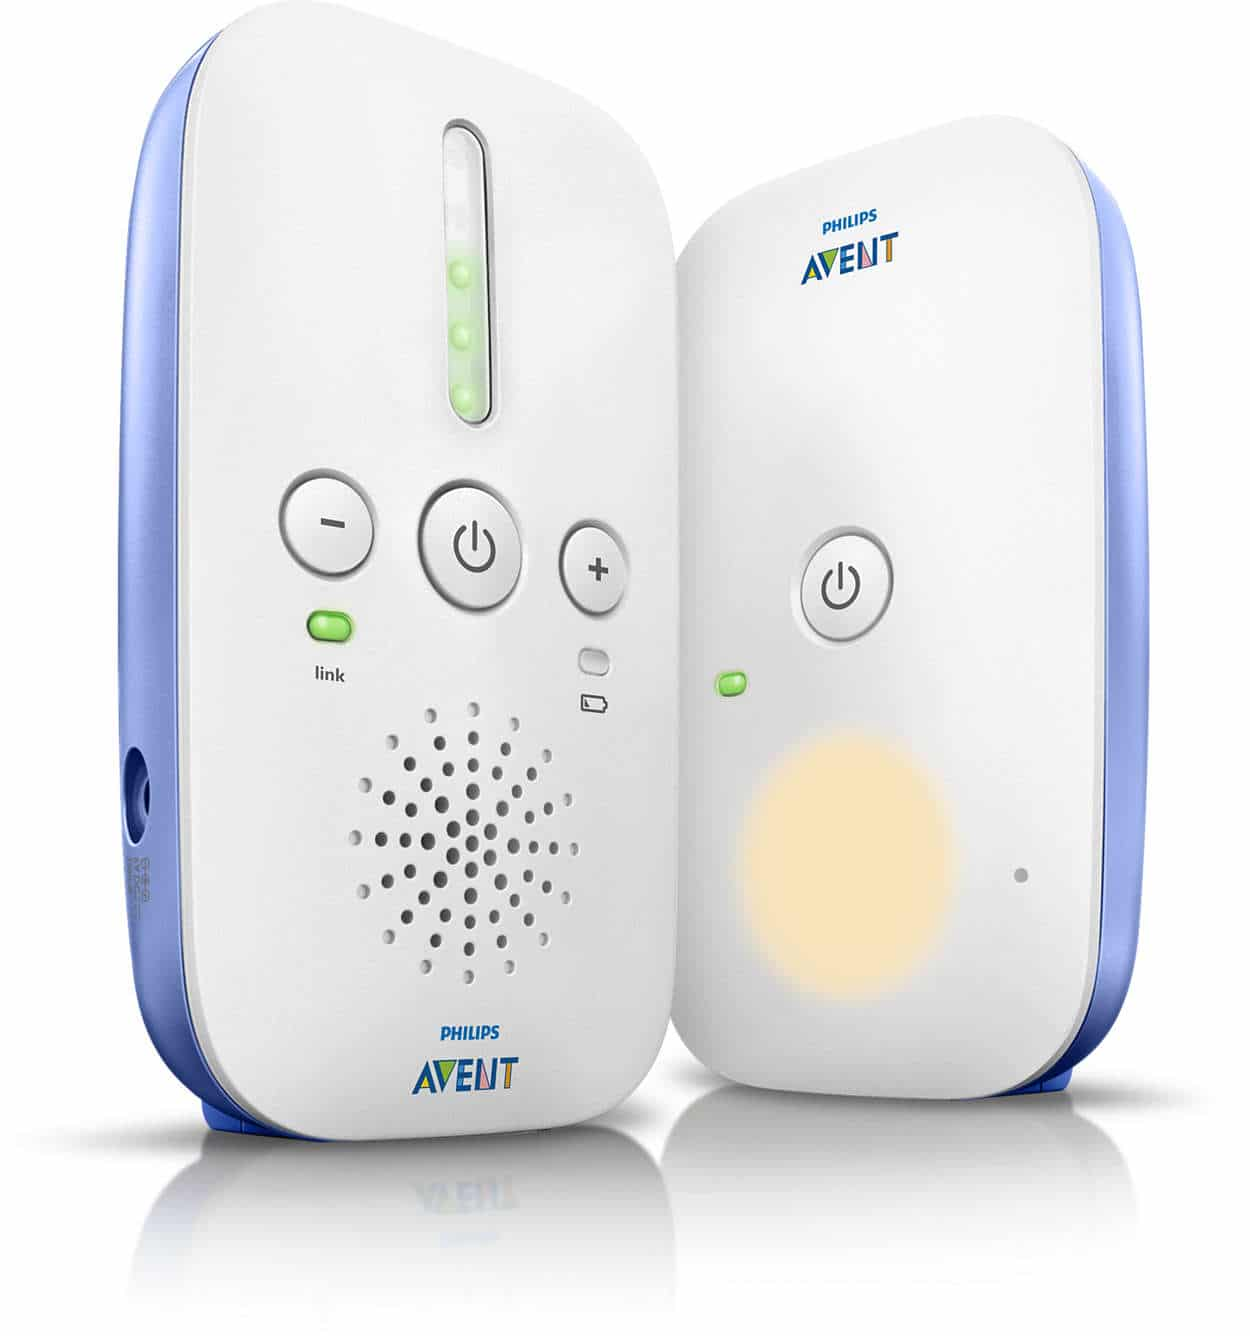 Philips Avent Salute e Controllo SCD501/00 Baby Monitor con Tecnologia DECT Elimina Interferenze Audio, Portata 300 m, Luce Notturna Rilassante